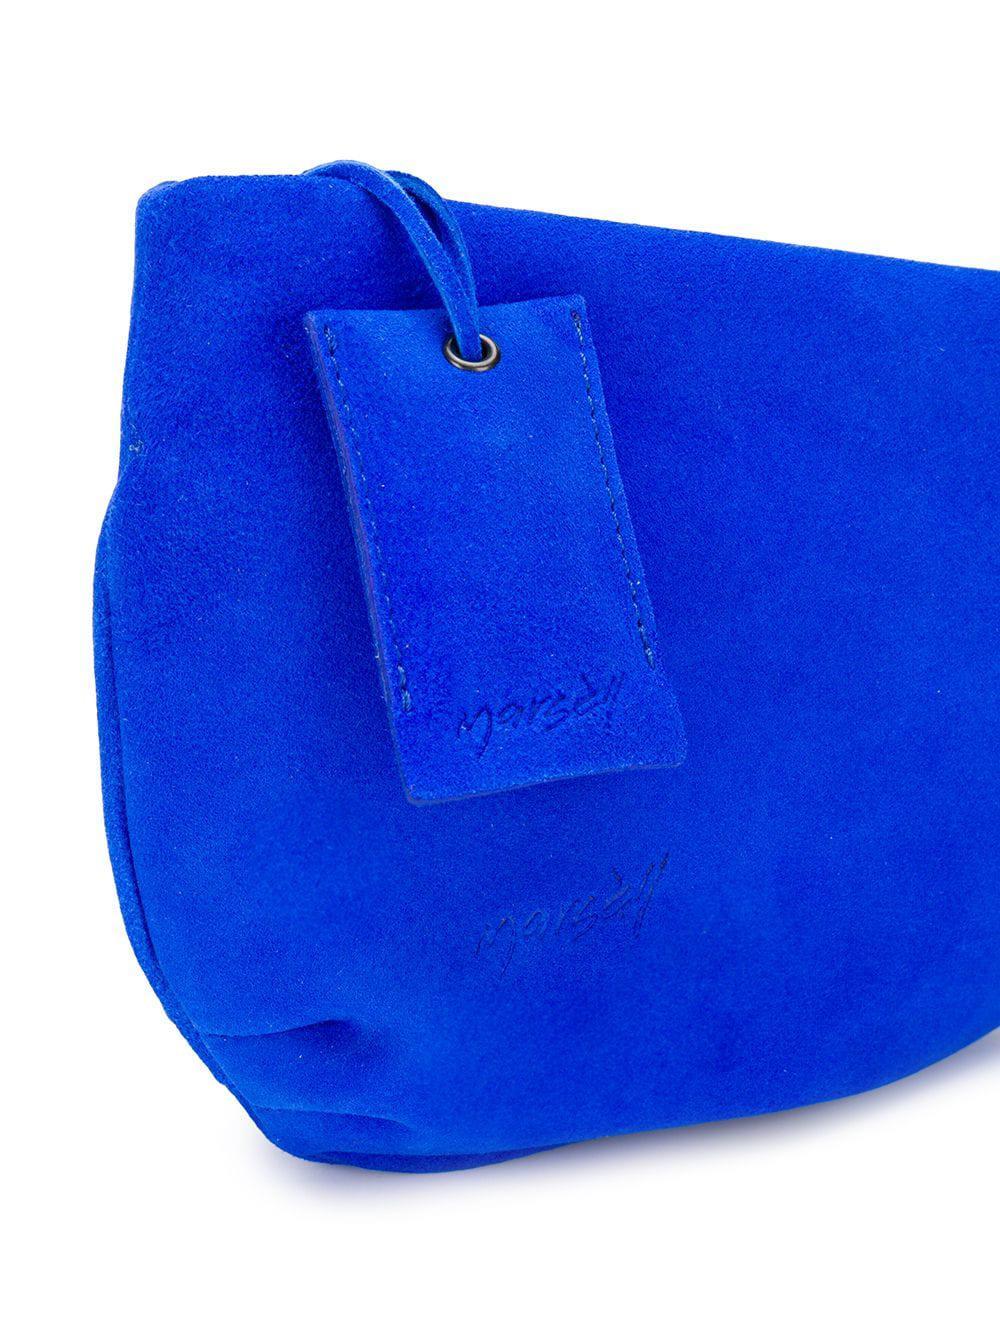 Marsèll Lyst con cremallera Top de azul Bolso cuerpo n0vR0S